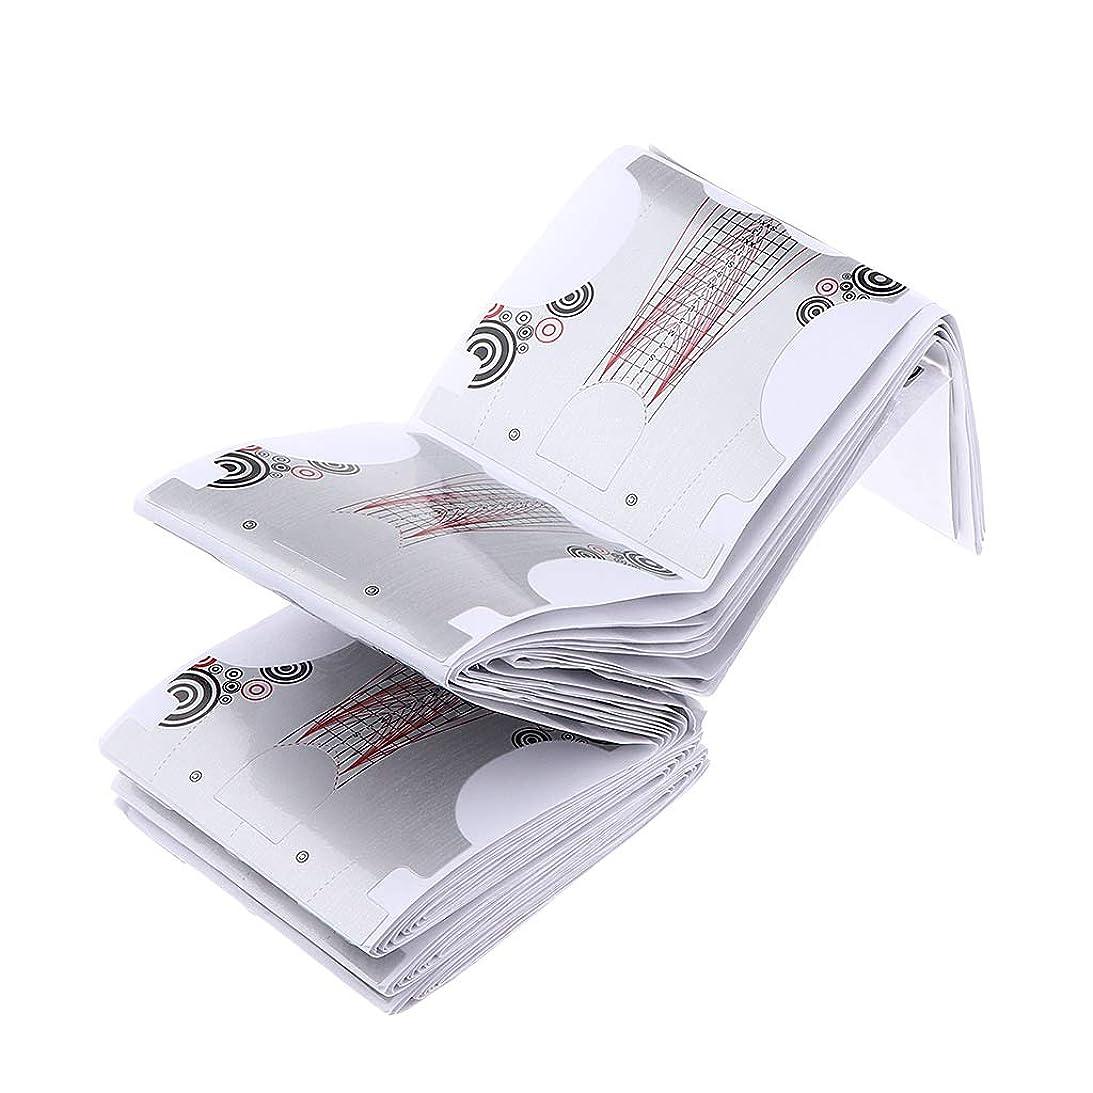 抱擁ジョガー波SM SunniMix 初心者 プロ用 ネイルフォーム ネイルアートパーツ ジェル アクリル 延長 フォームステッカー 100枚